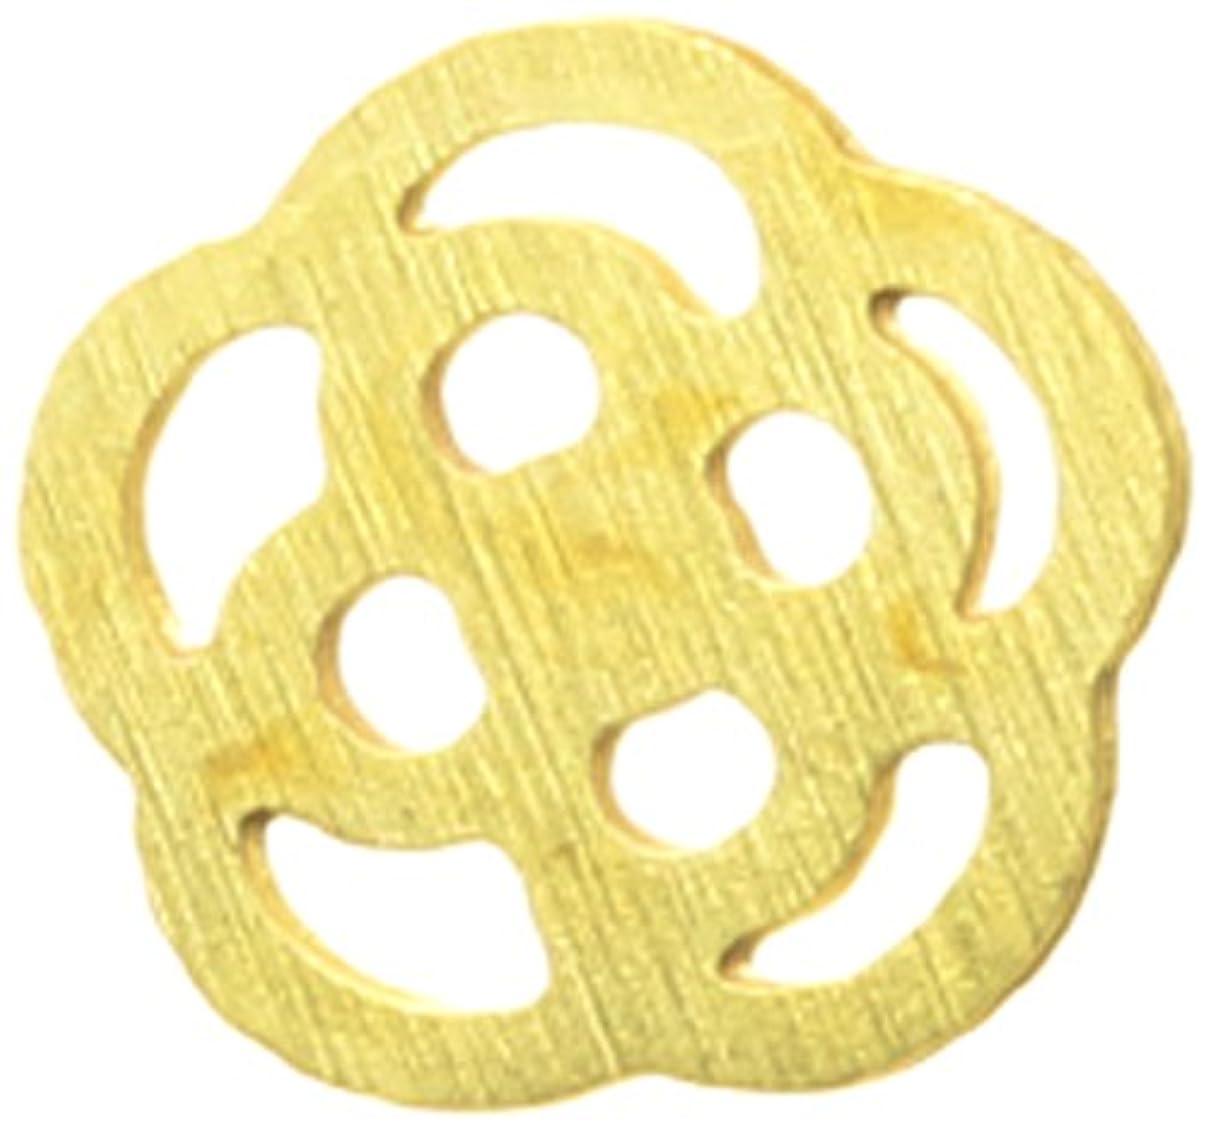 解放する売るミュージカルメタルプレート(ネイルストーン デコ) カメリア(30個入り) ゴールド(ネイル用品)